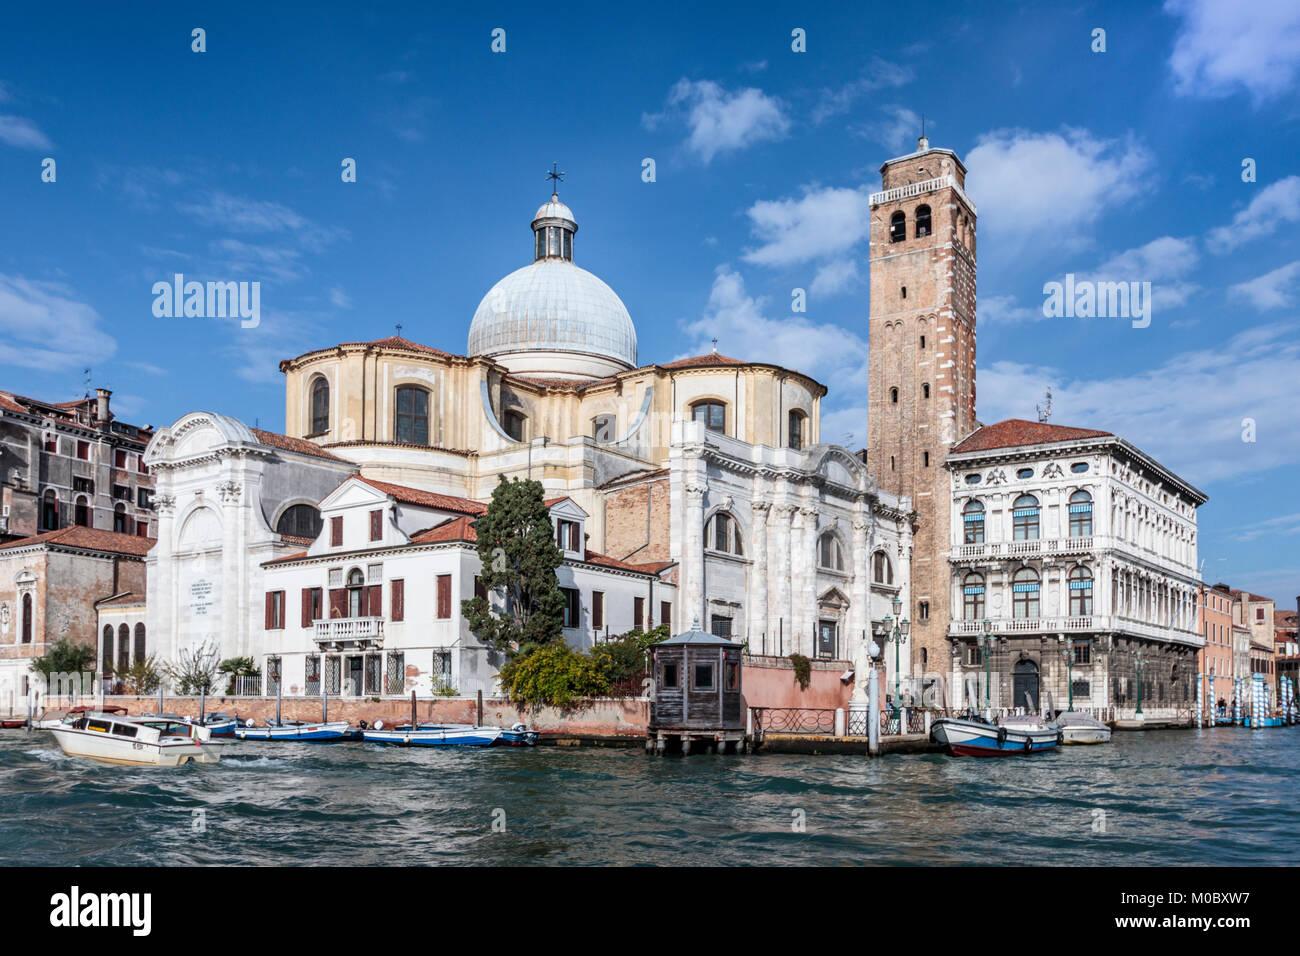 La Iglesia de San Geremia y Grand Canal en el Veneto, Venecia, Italia, Europa. Imagen De Stock